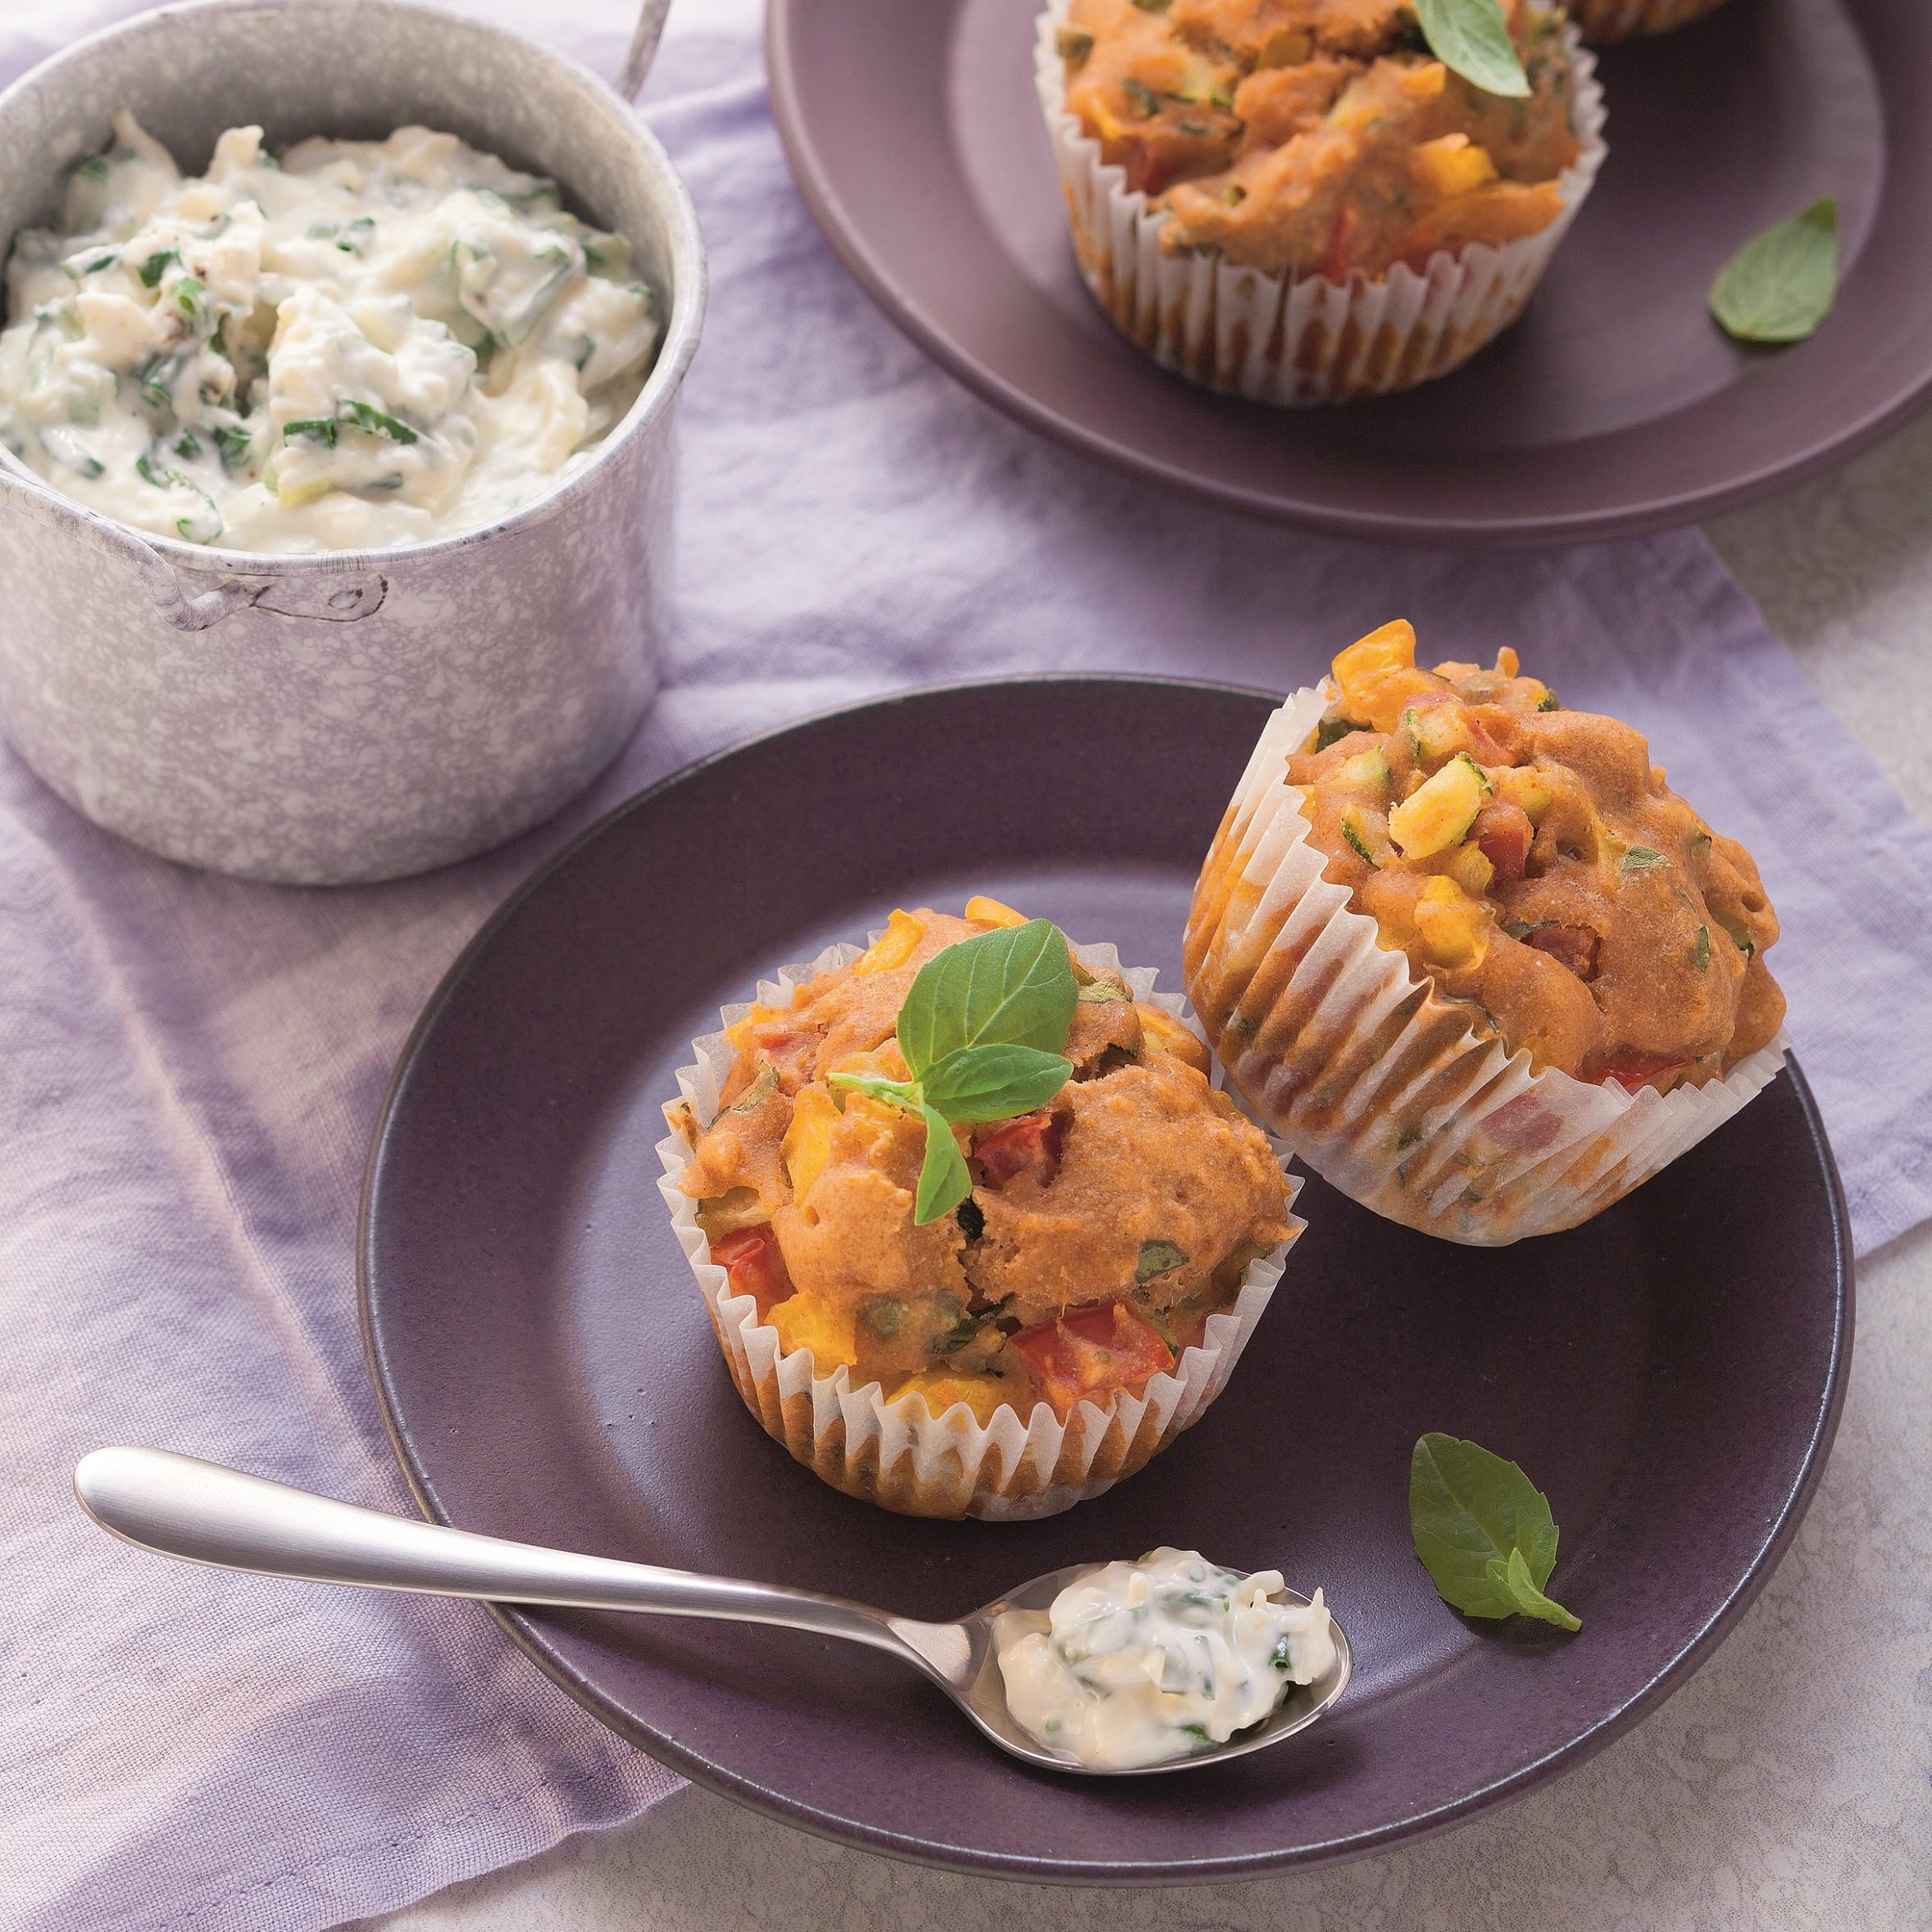 Gemüsemuffins mit Käsedip - Rezept Bild